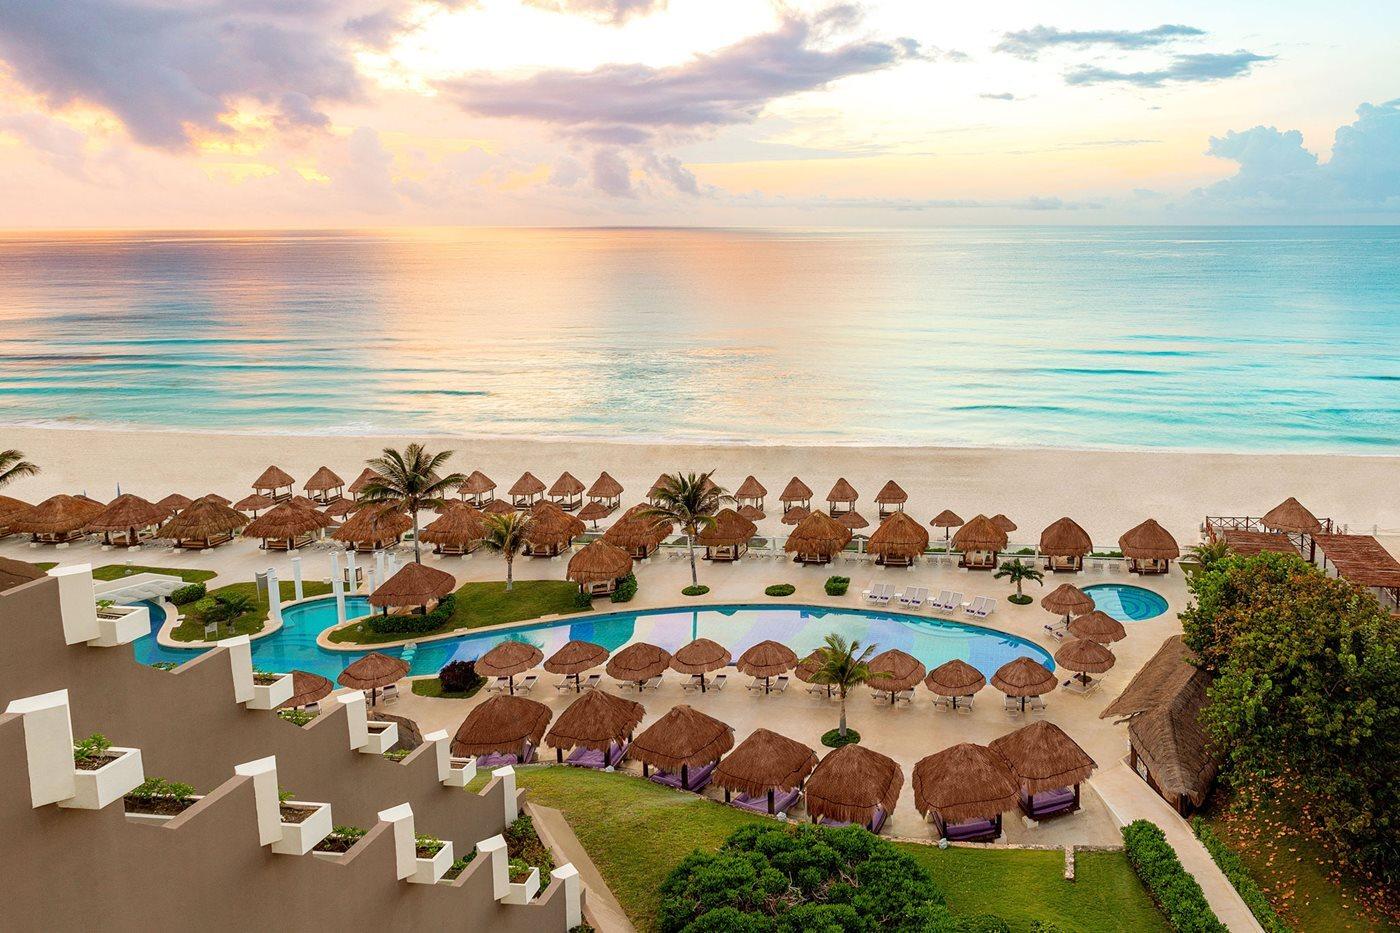 Paradisus Cancun Cancun, Mexico beach